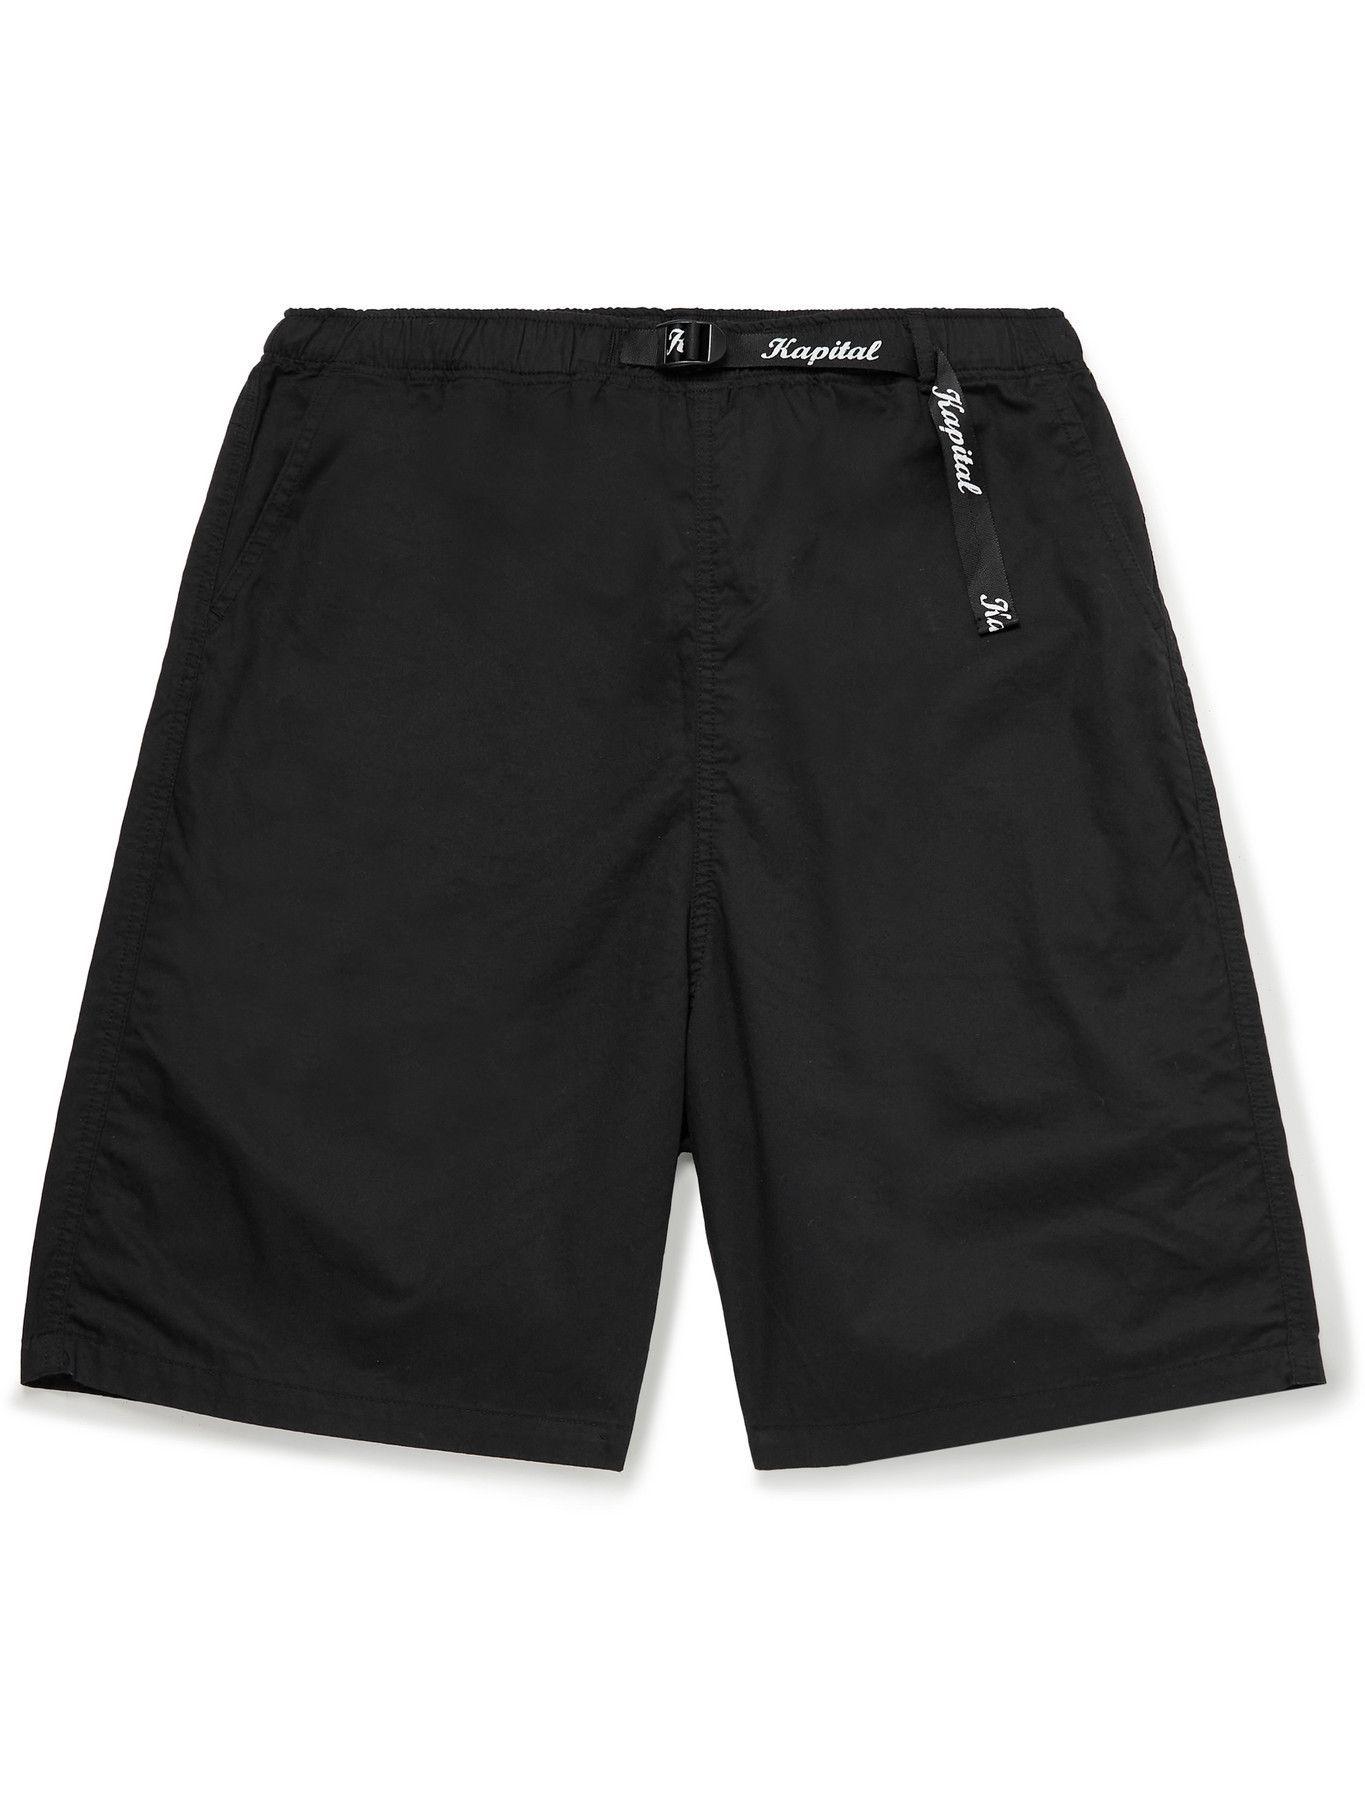 KAPITAL - Wide-Leg Printed Cotton Shorts - Unknown